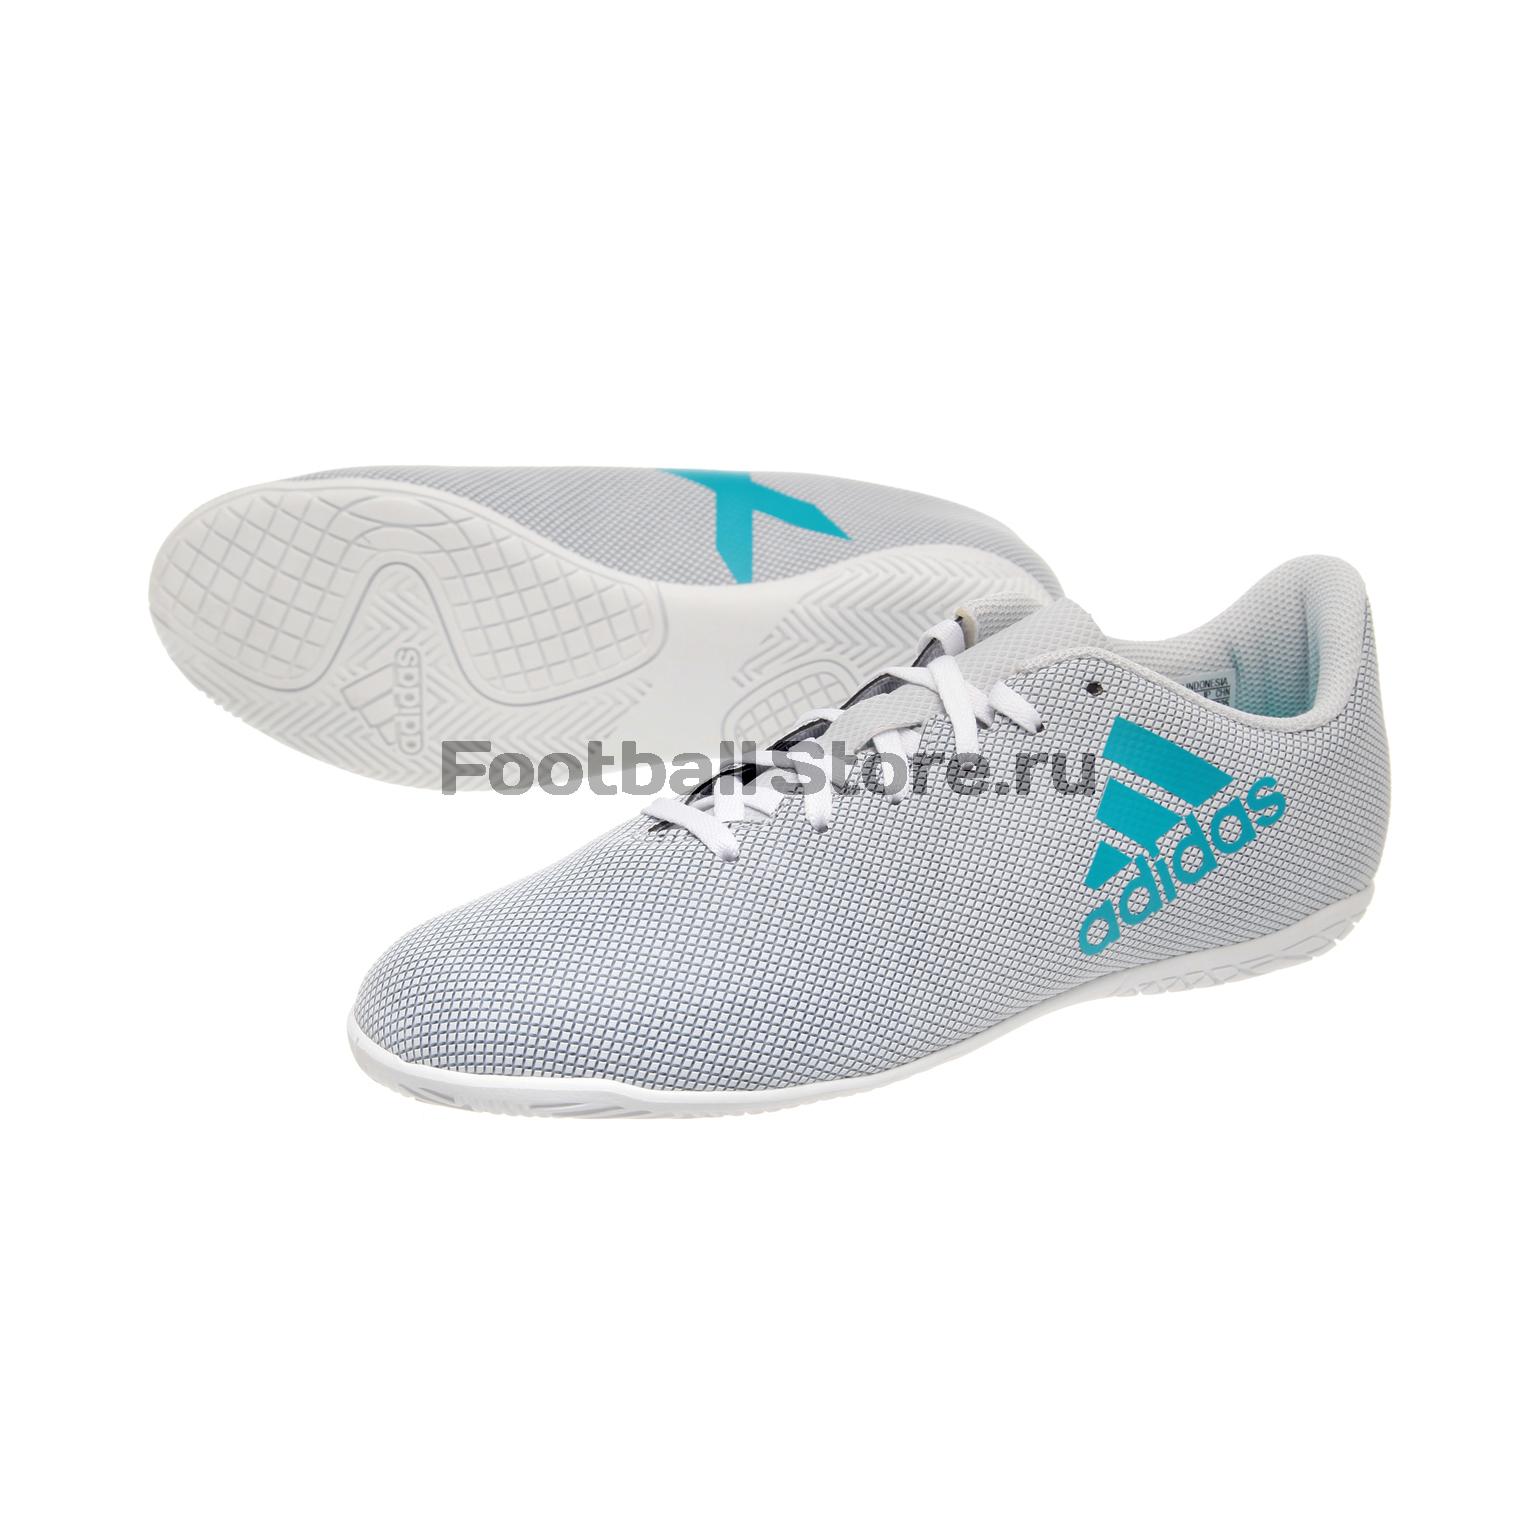 Обувь для зала Adidas X 17.4 IN JR S82408 обувь для зала adidas ace tango 18 3 in jr cp9075